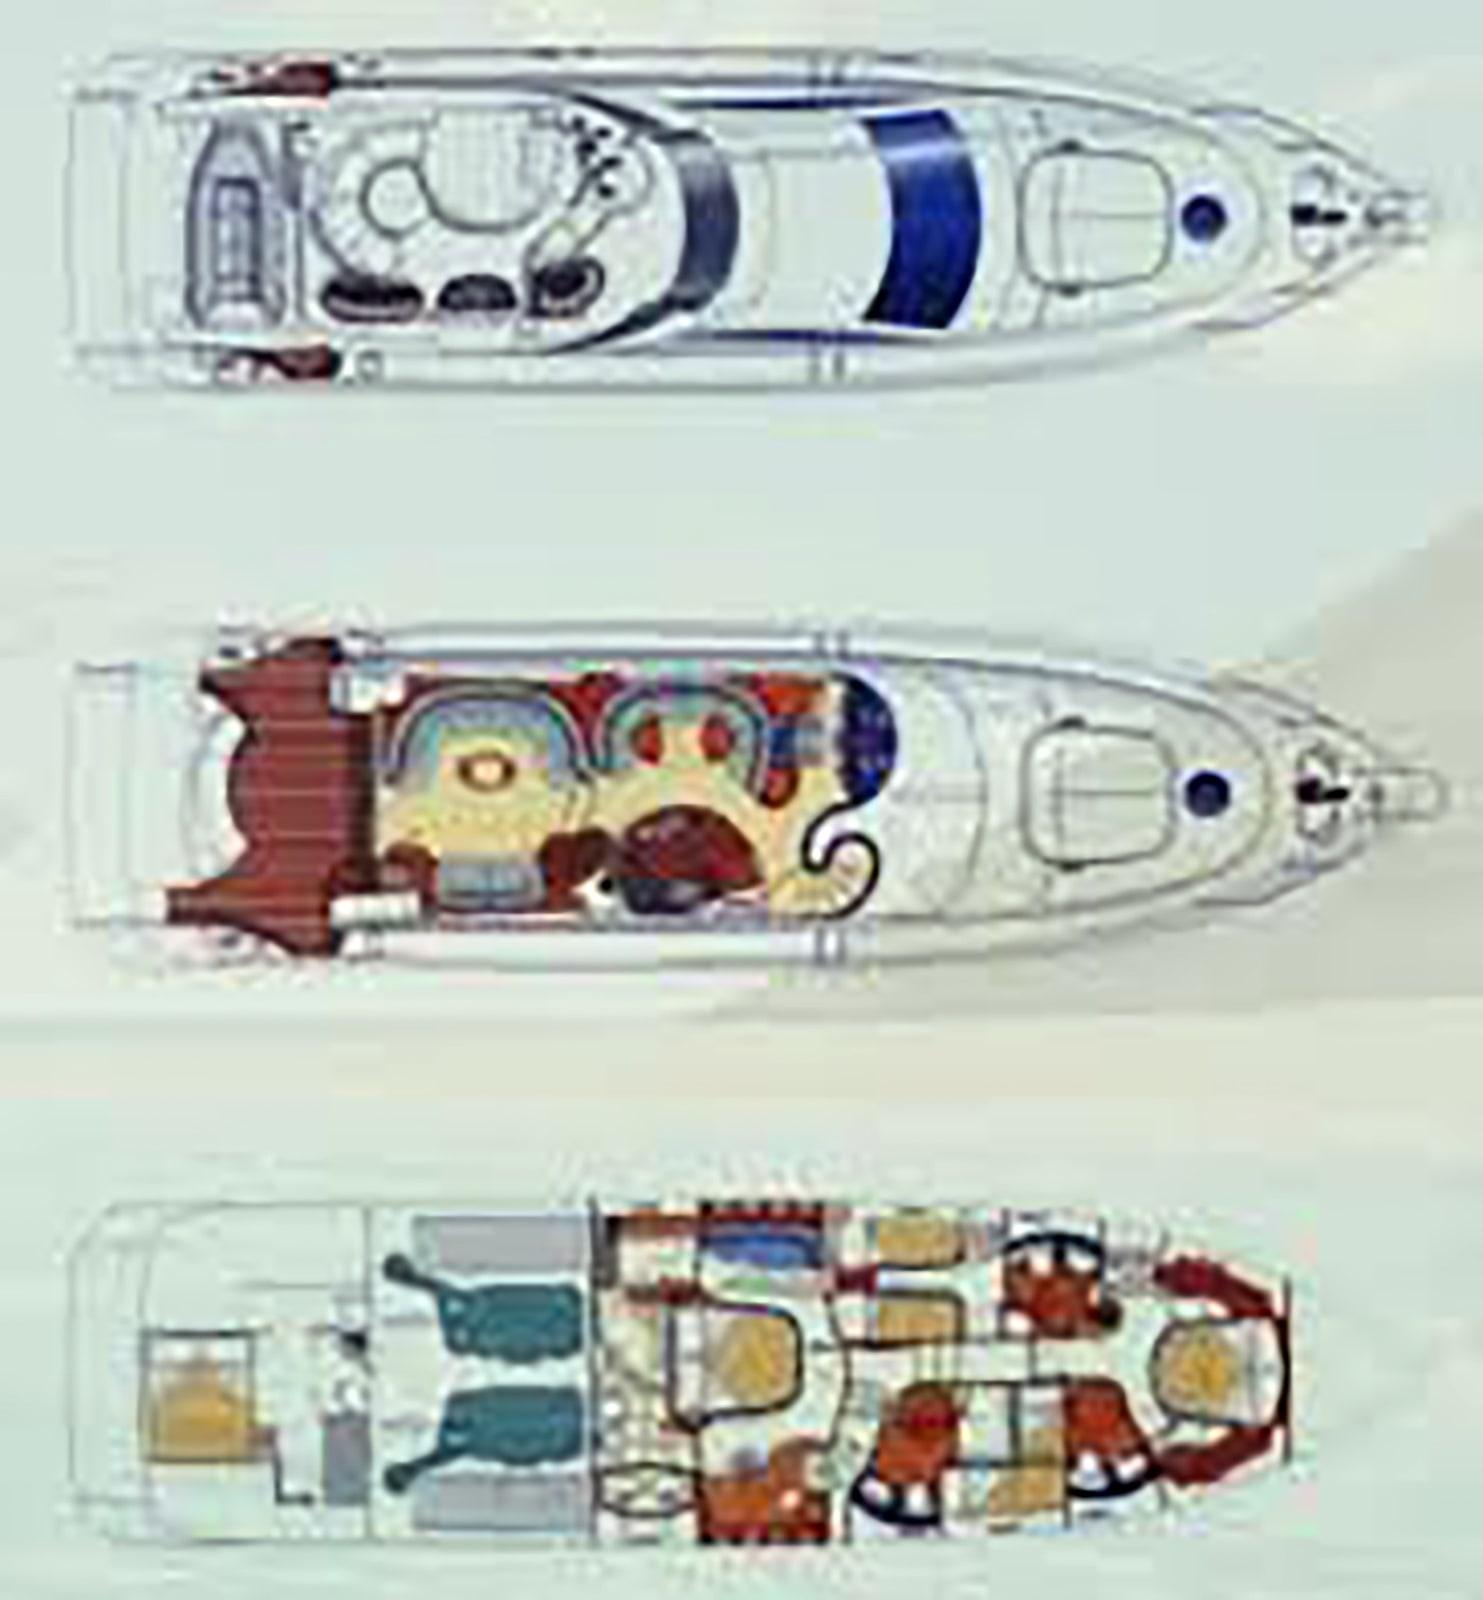 Azimut 68S 21m Manu Layout